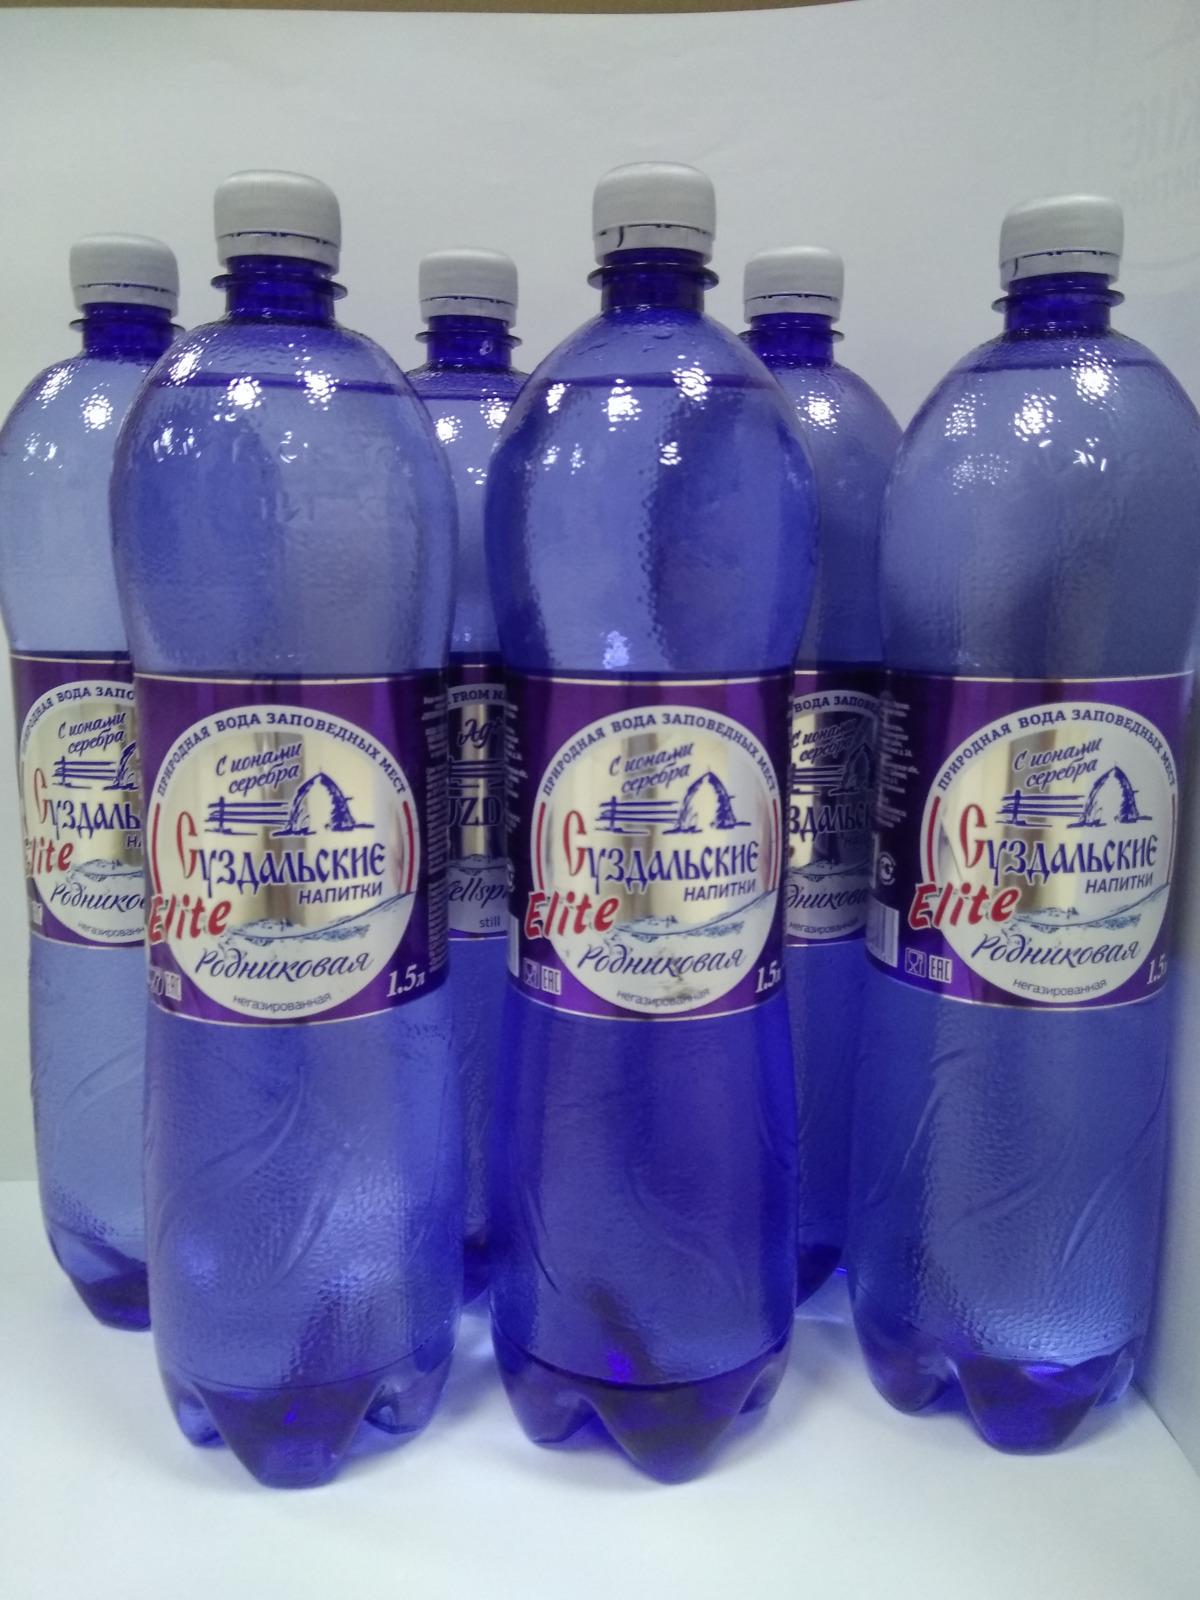 """Вода Суздальские напитки """"Элита"""", родниковая, с ионами серебра, не газированная, 6 шт х 1.5 л"""